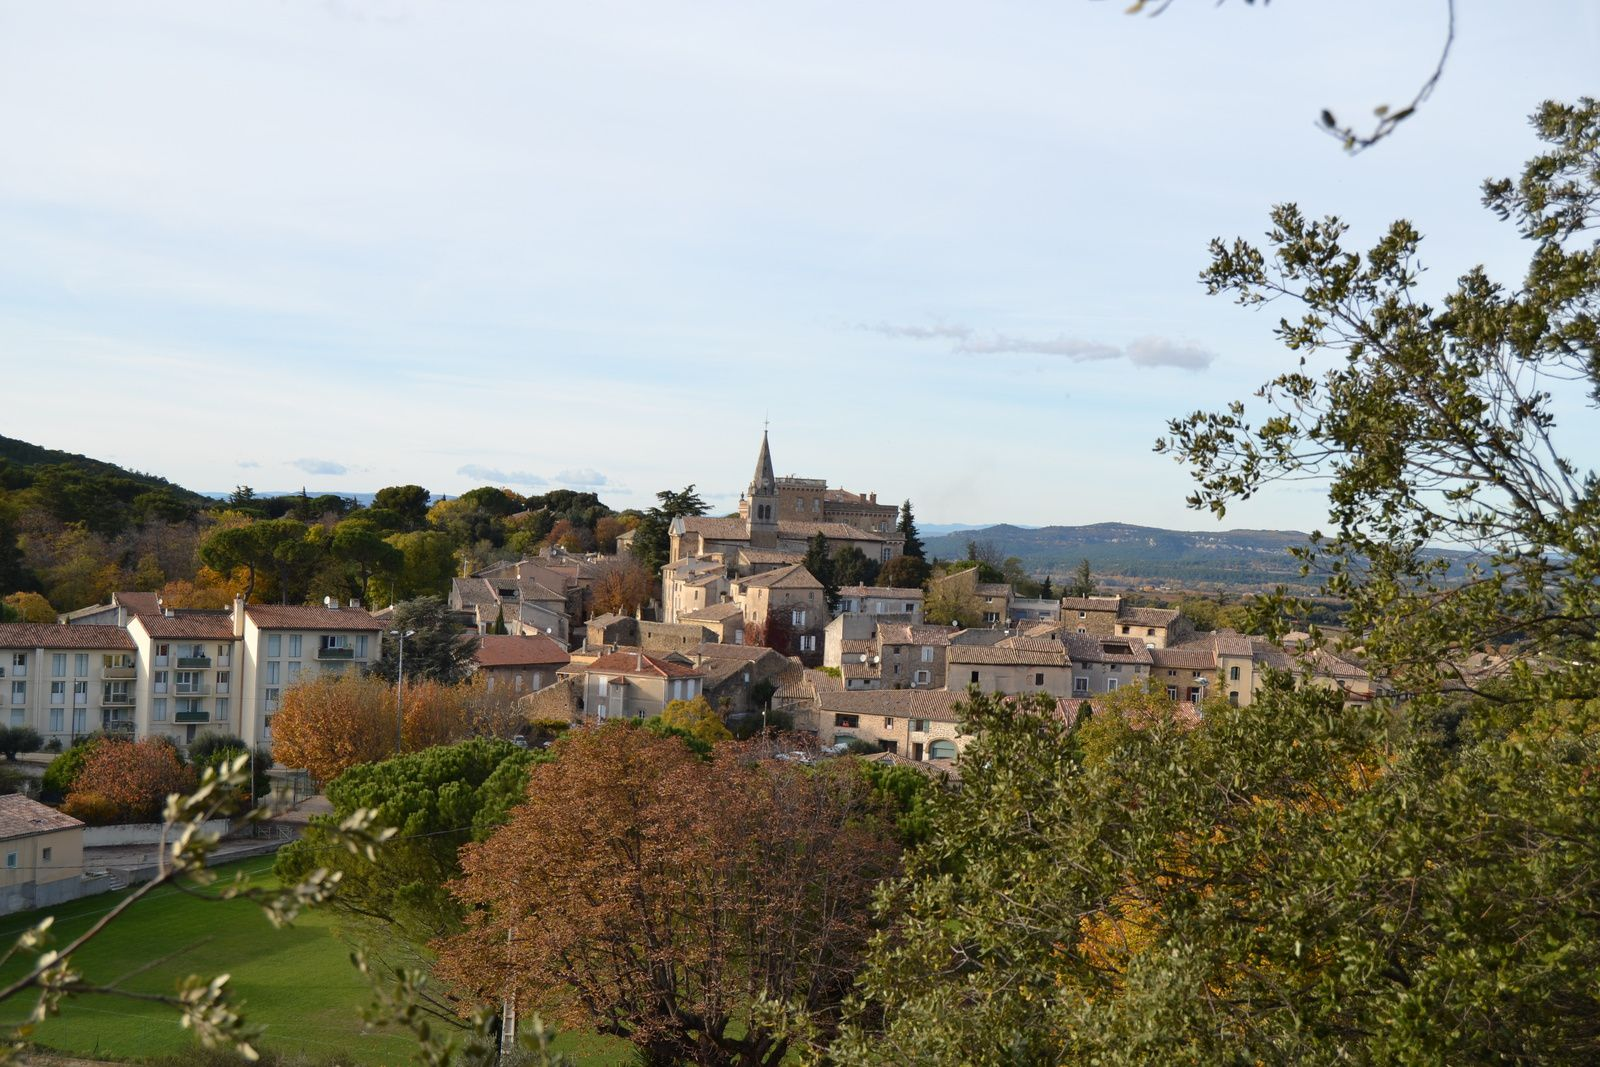 Vue du village de Rochegude en redescendant de la colline par le chemin...de la Vierge.